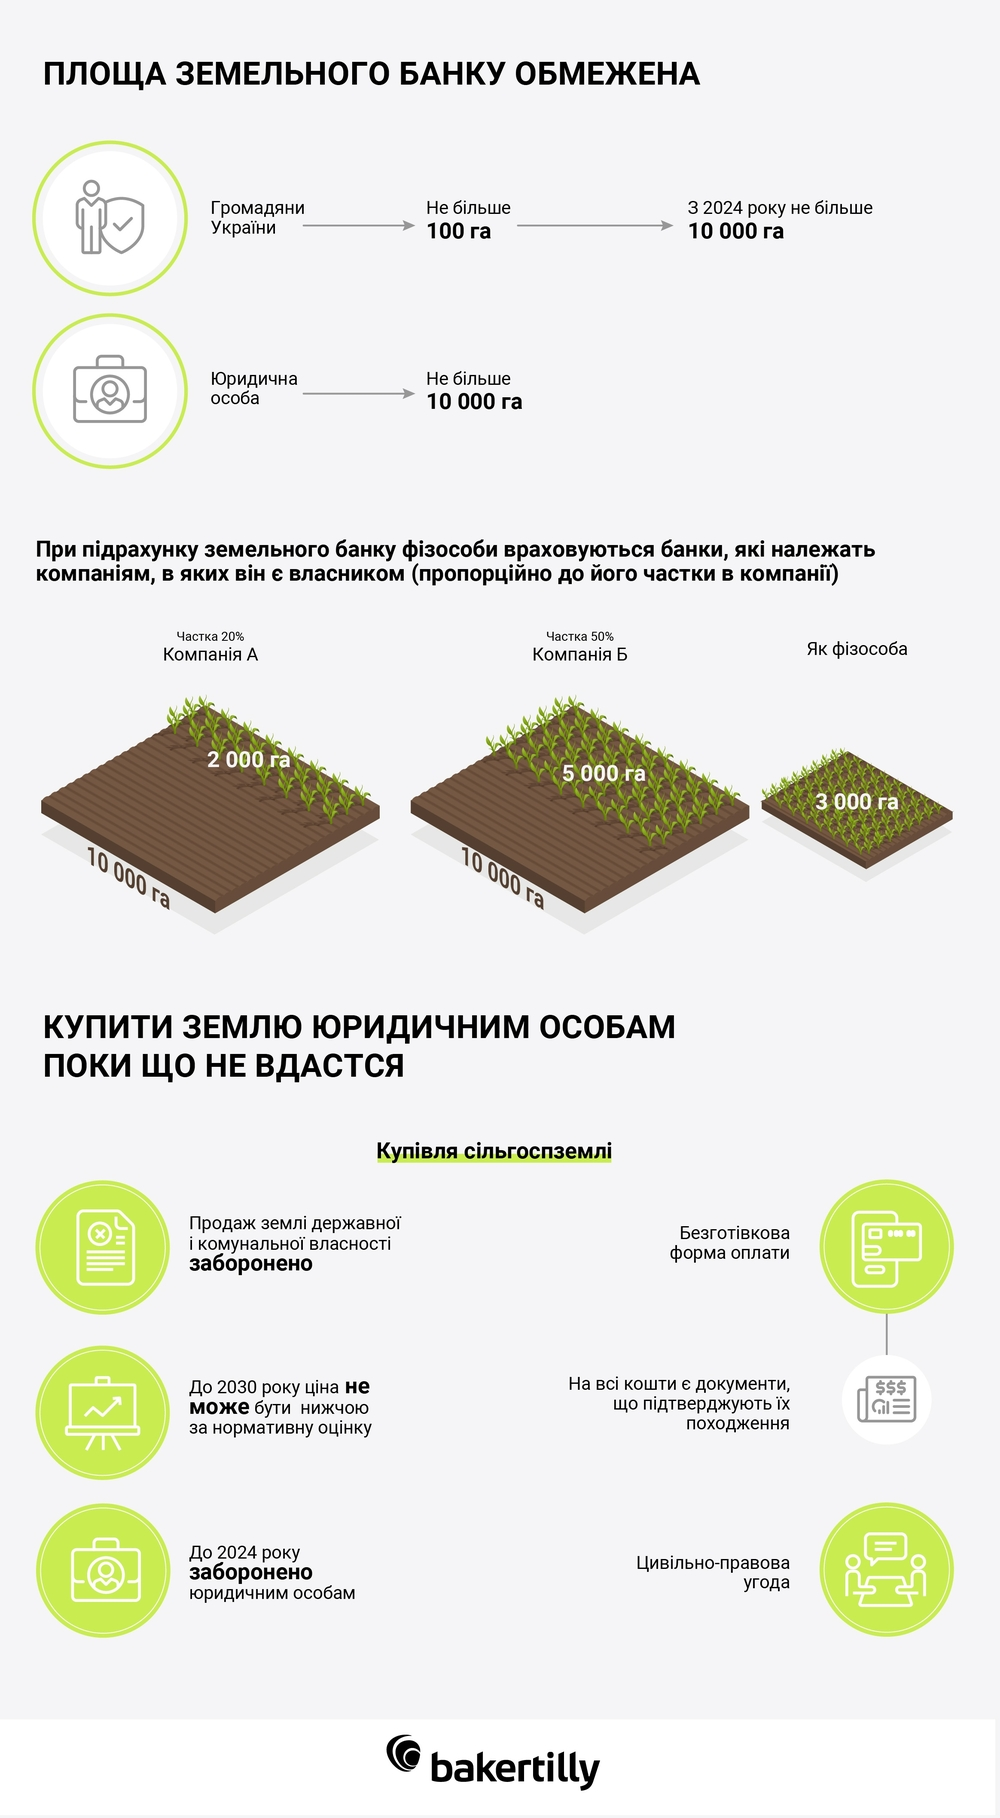 обмеження на нинок землі в Україні